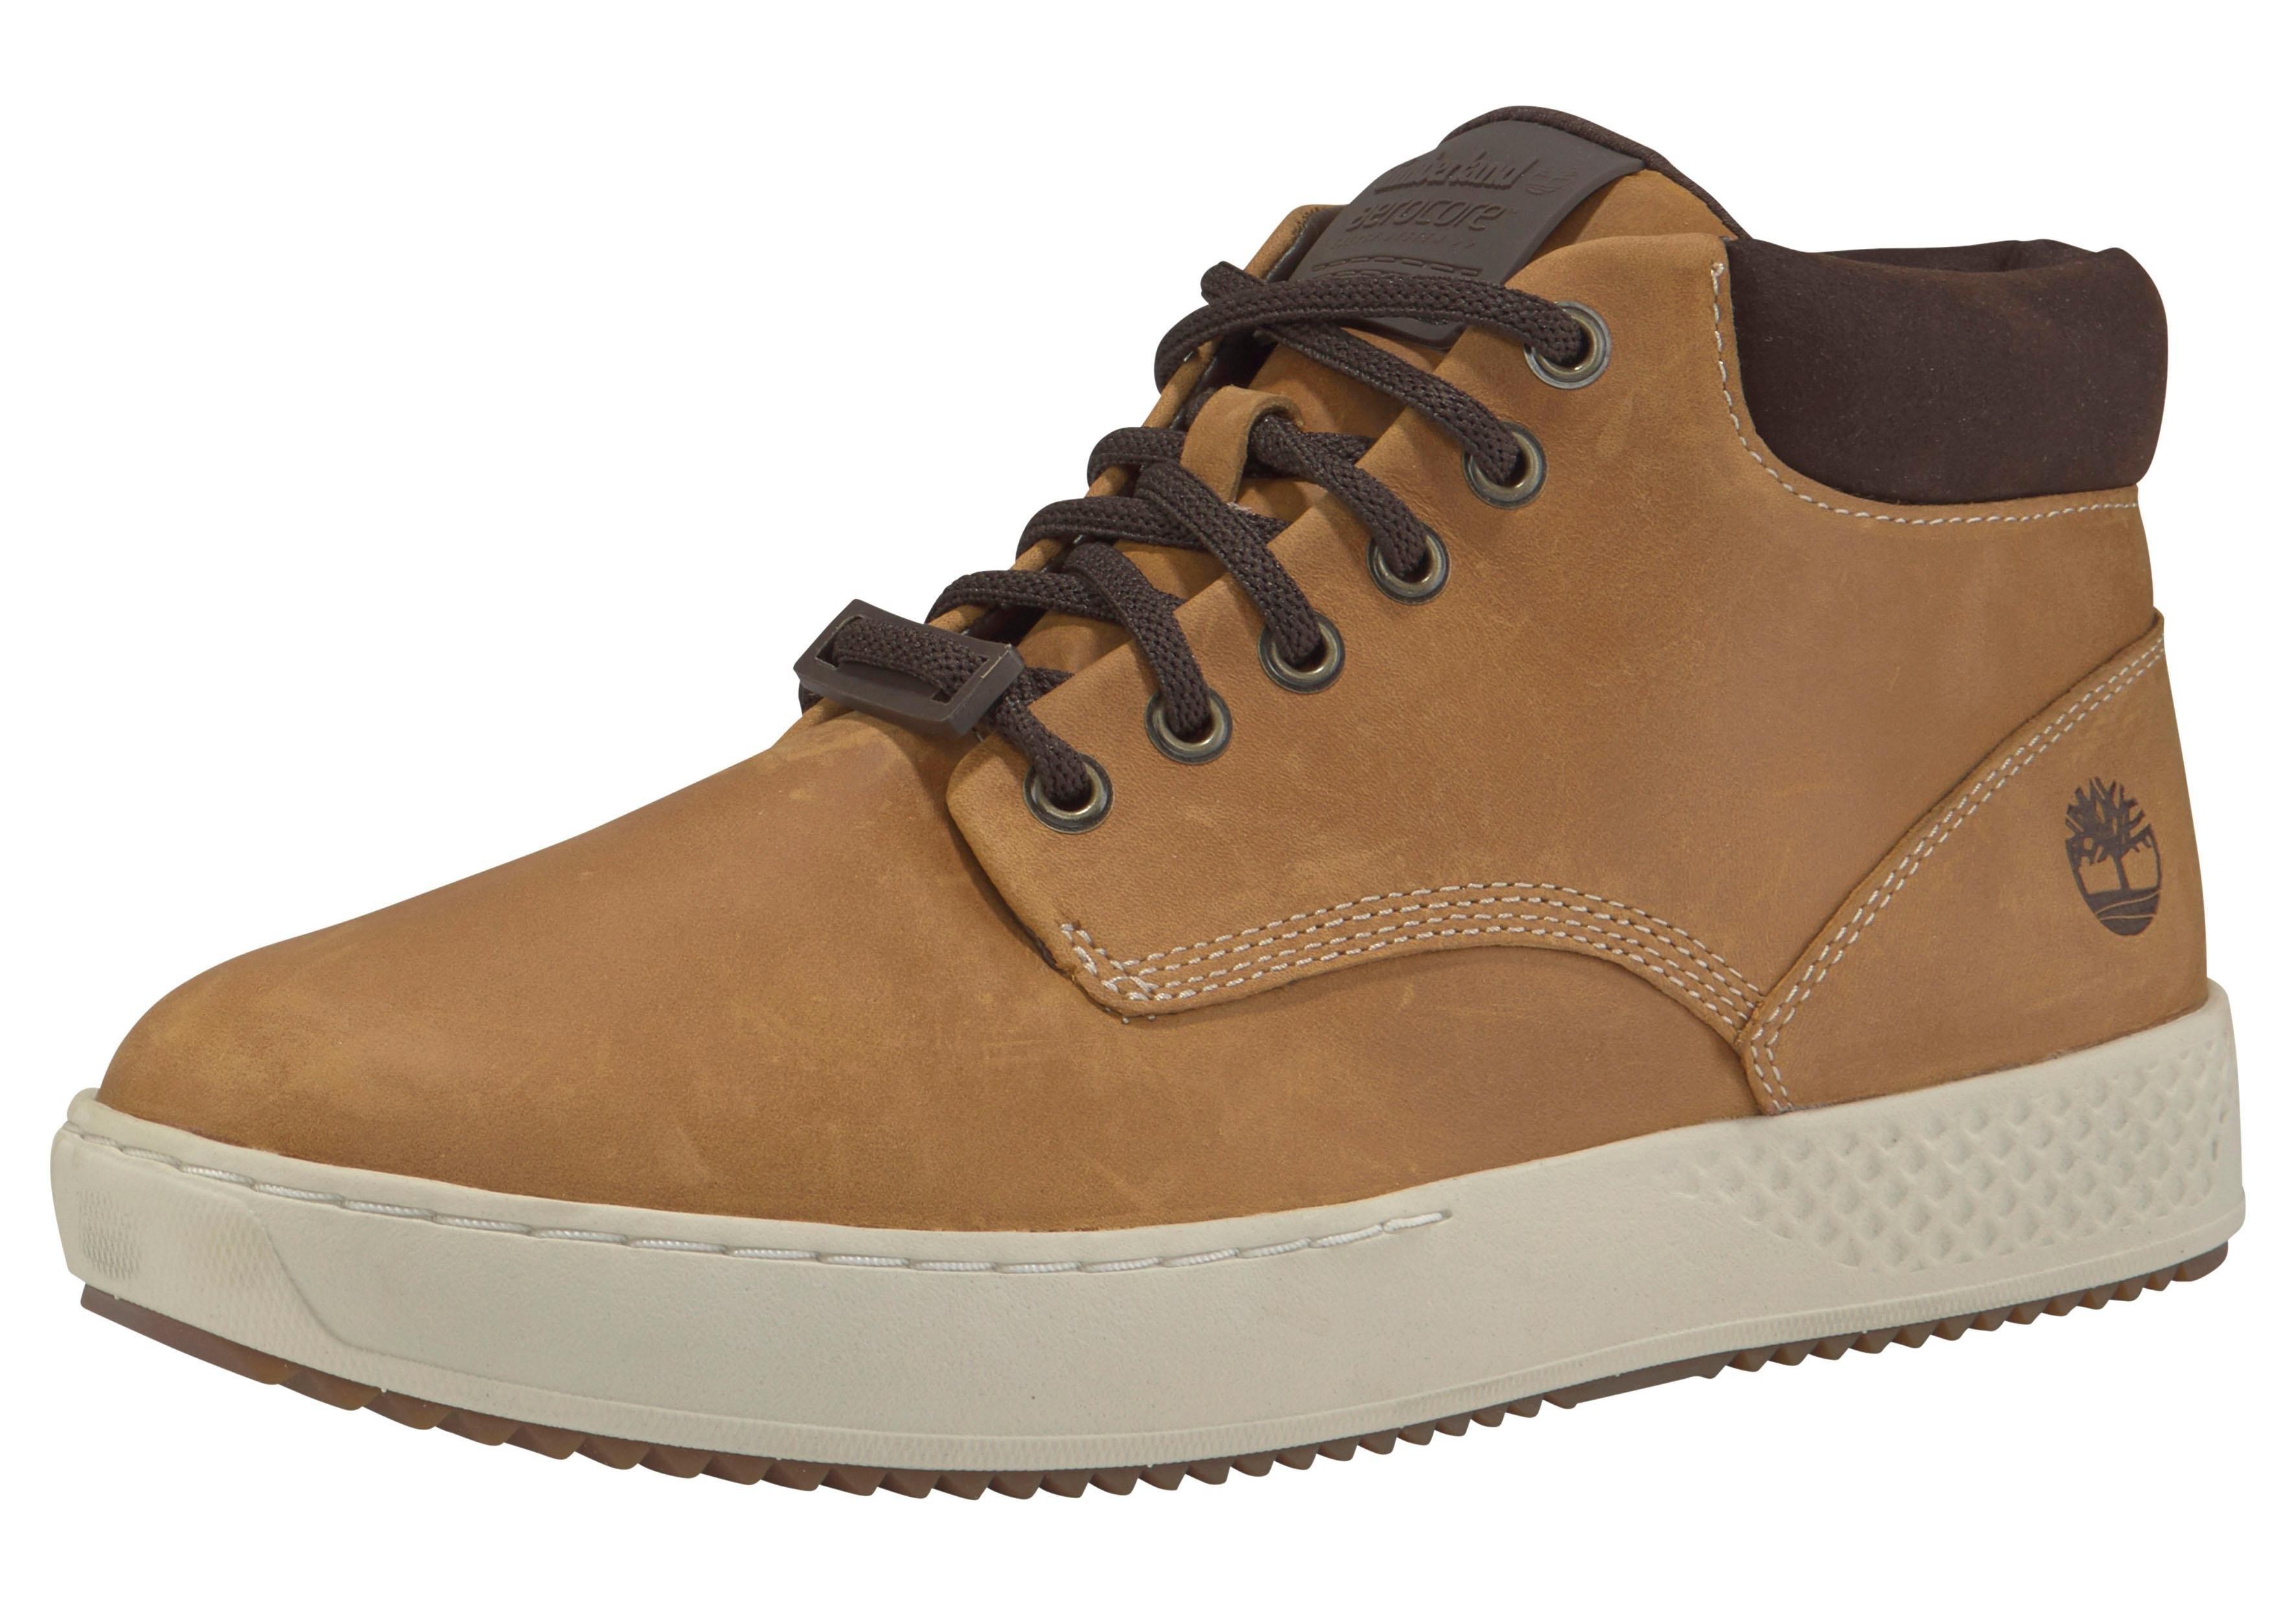 b19209fa6d7 Hoge sneakers heren koop je gemakkelijk online   OTTO